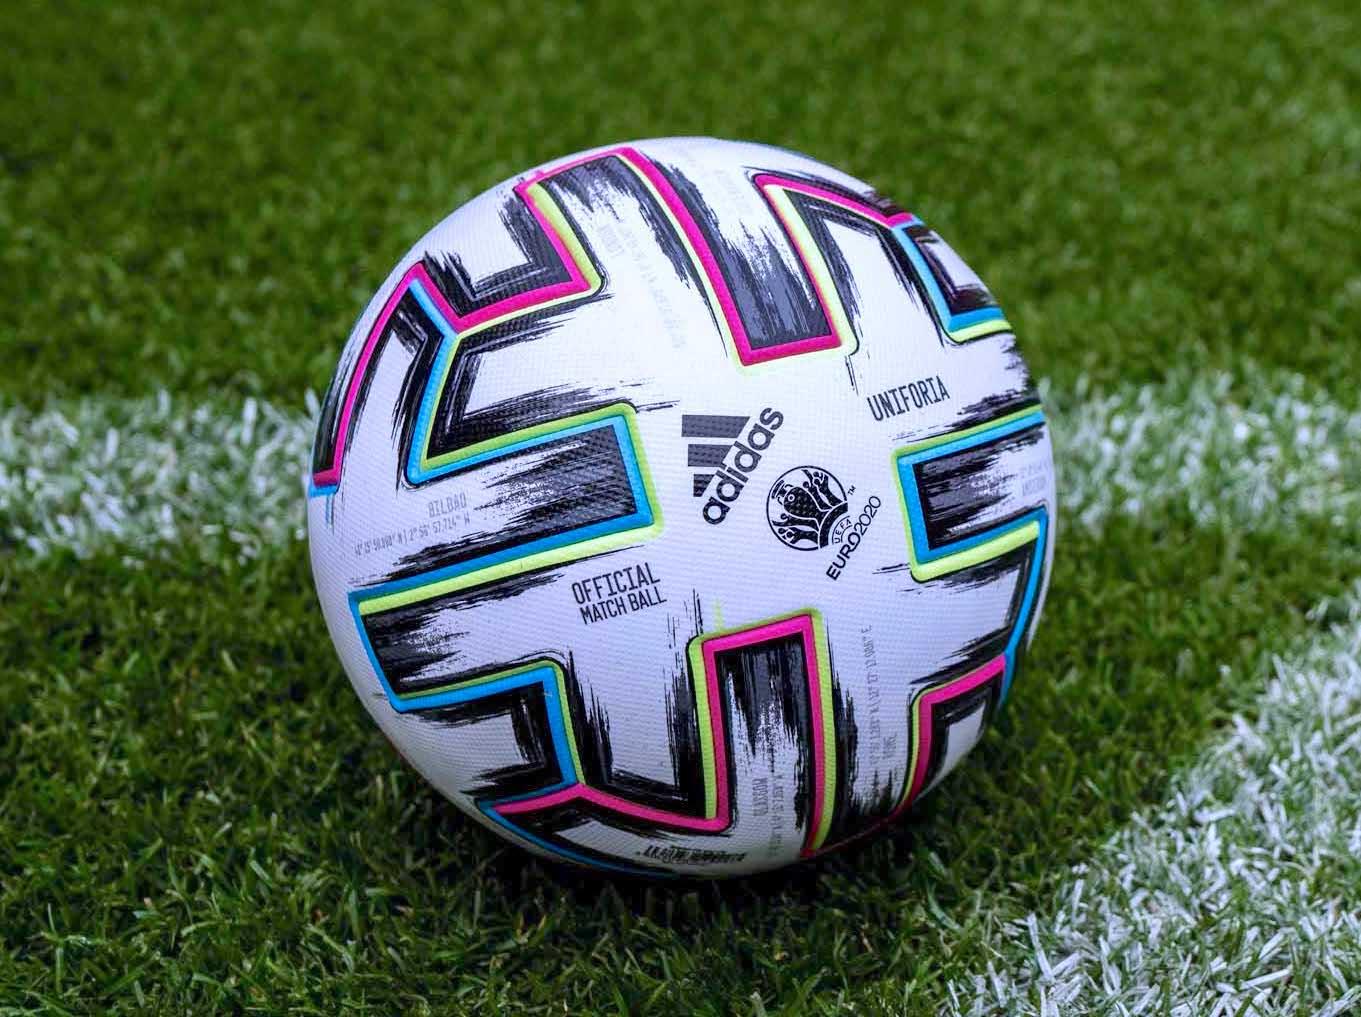 4-adidas-euro-2020-ball-min.jpg